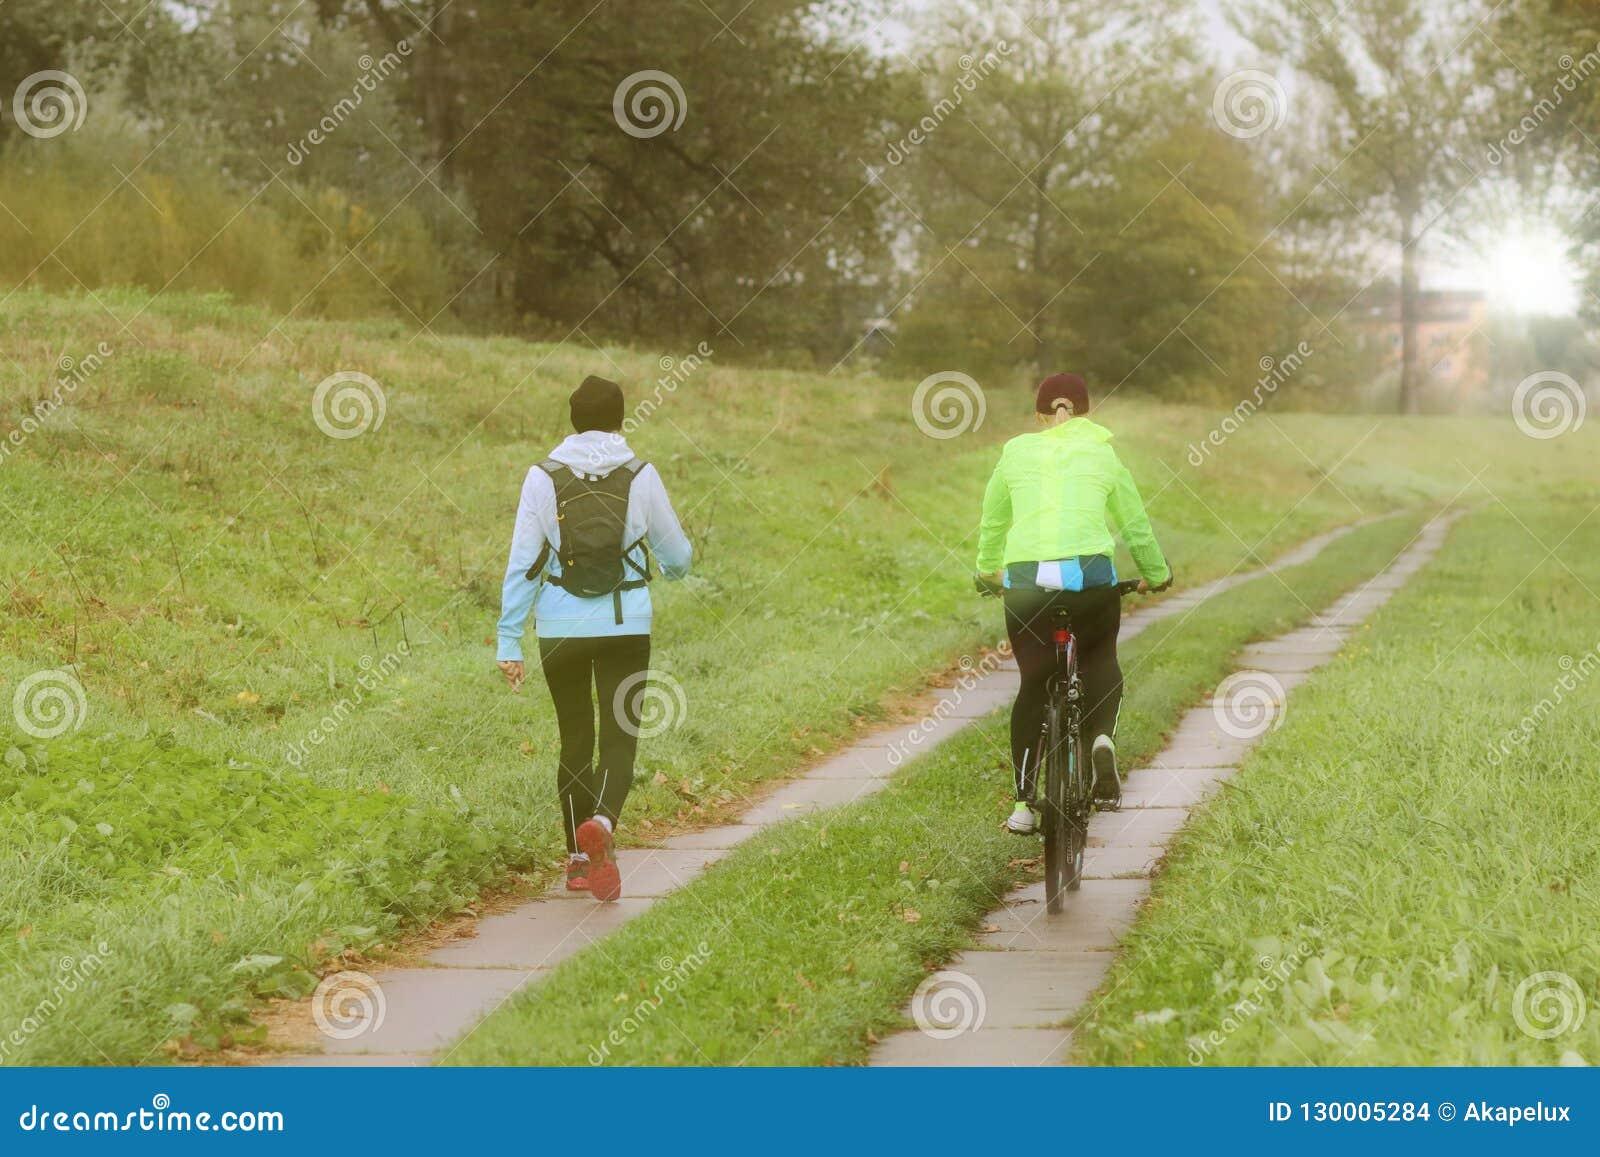 Dwa dziewczyny sztuki sporta w pogodnej ranek pogodzie Kolarstwo i odprowadzenie pod deszcz kroplami w pogodnej pogodzie Sport i